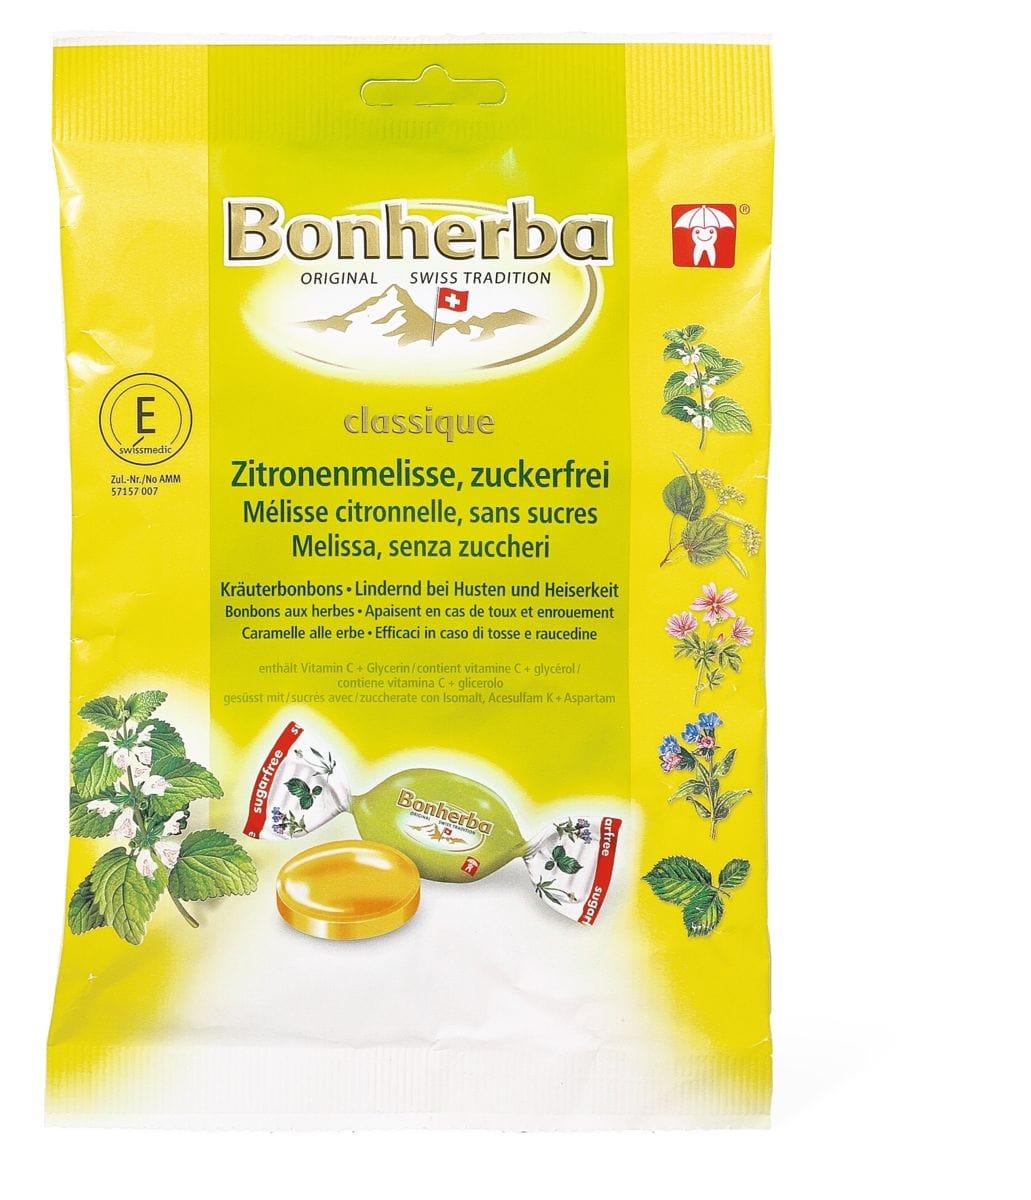 Bonherba Zitronenmelisse zuckerfrei